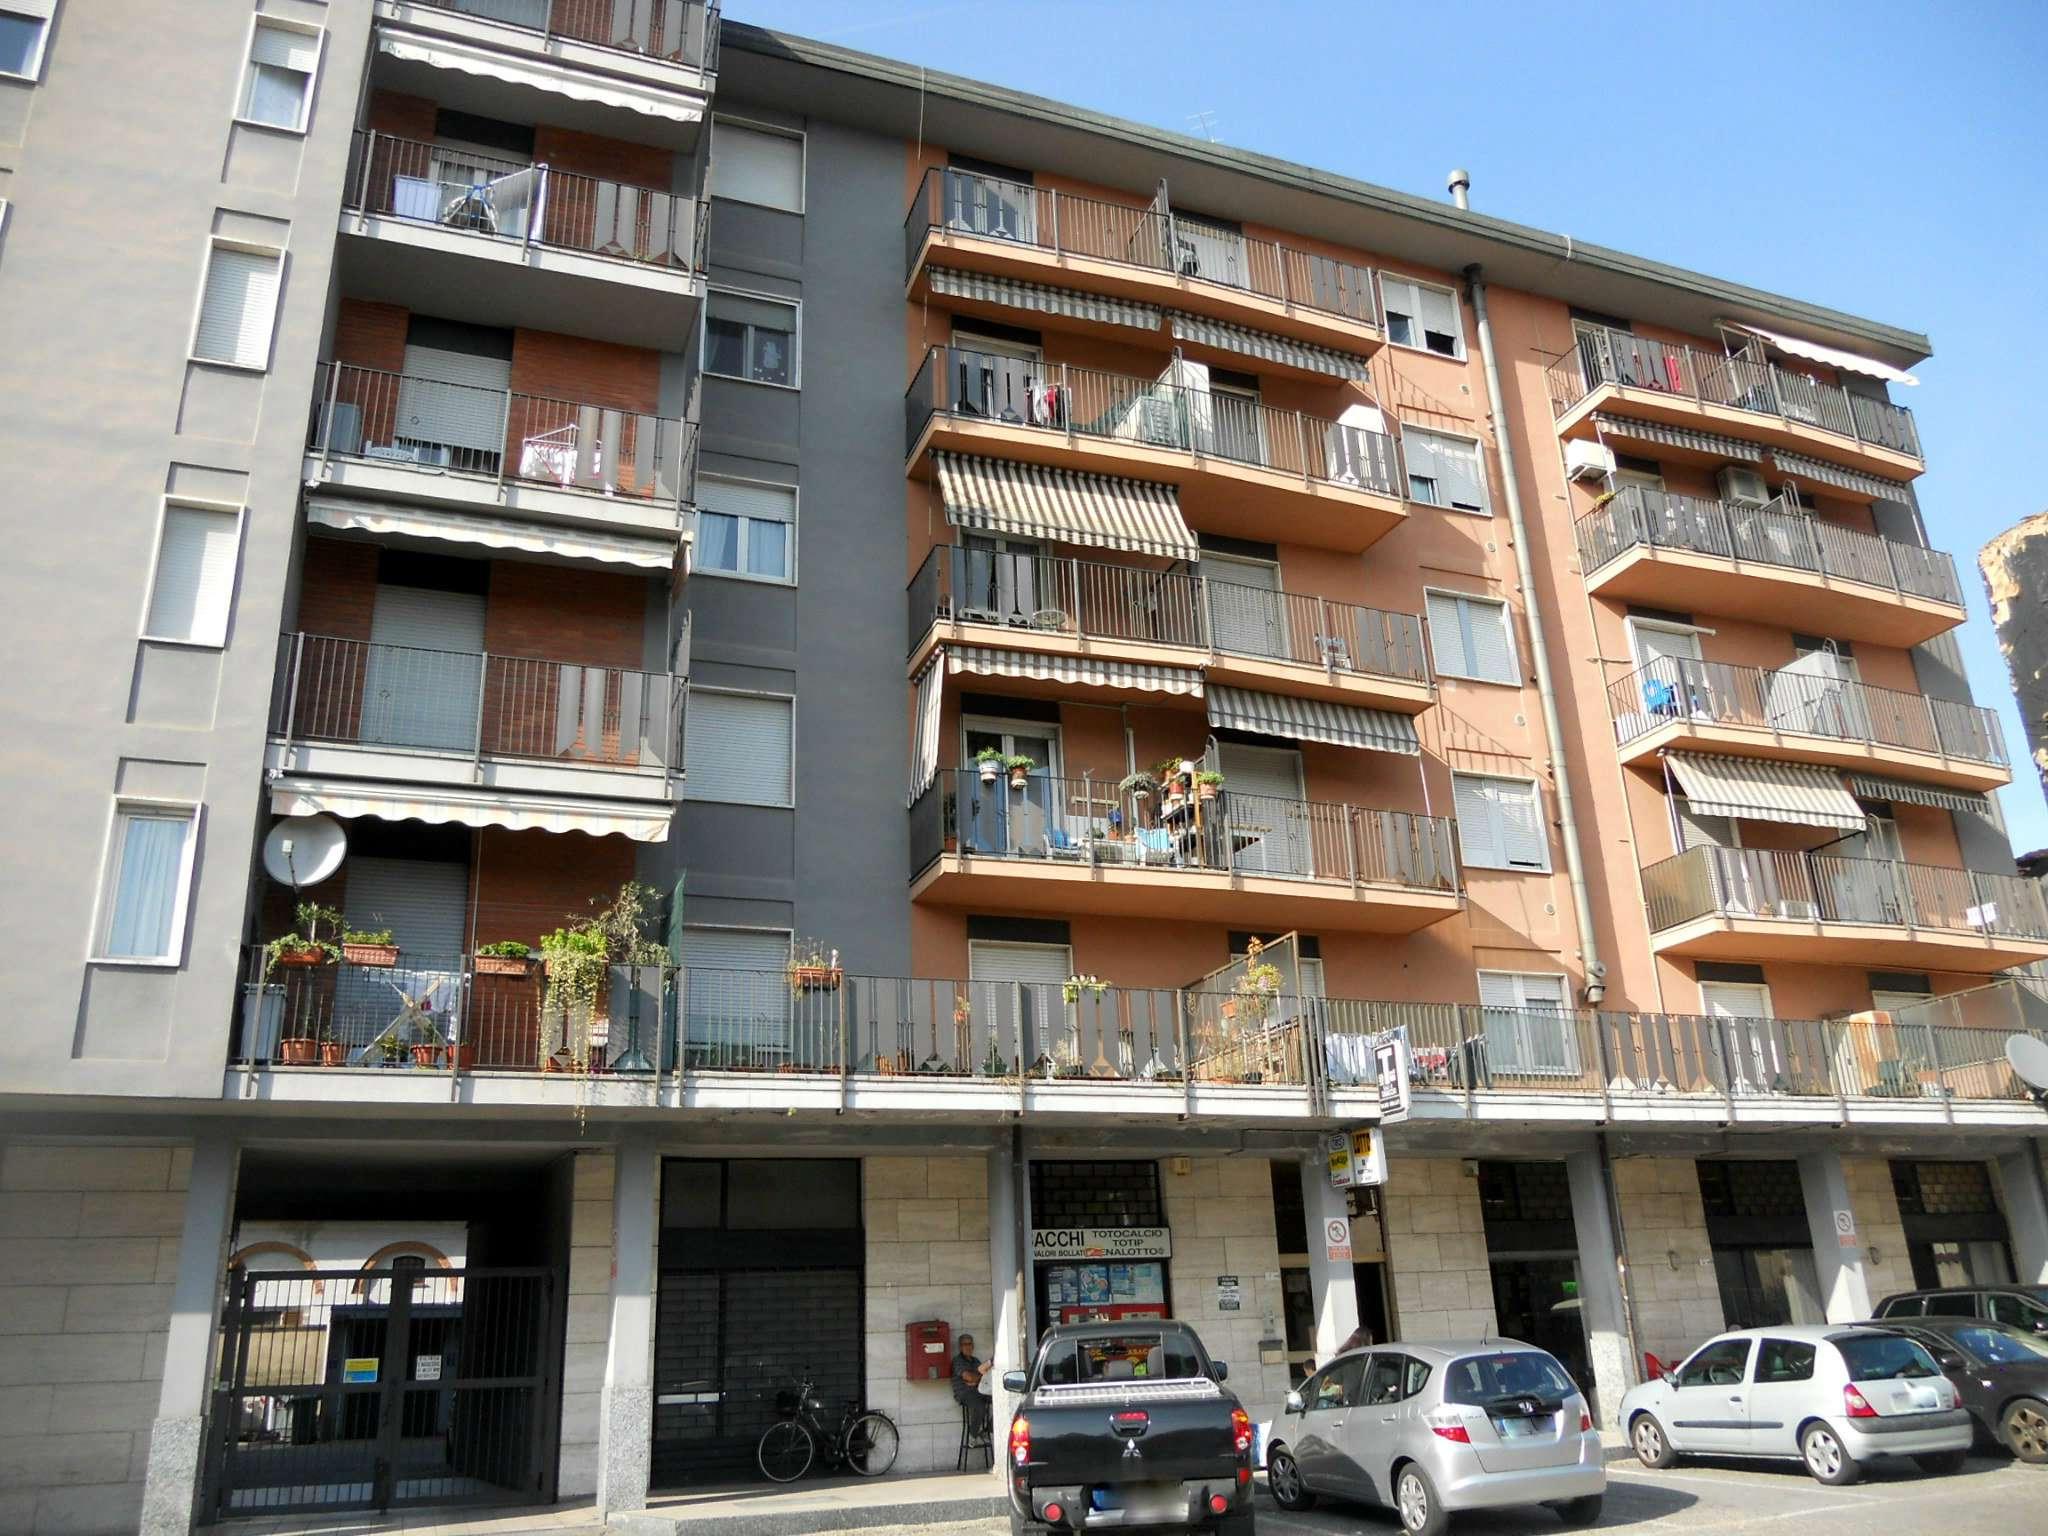 Appartamento in vendita a Macherio, 3 locali, prezzo € 130.000 | CambioCasa.it